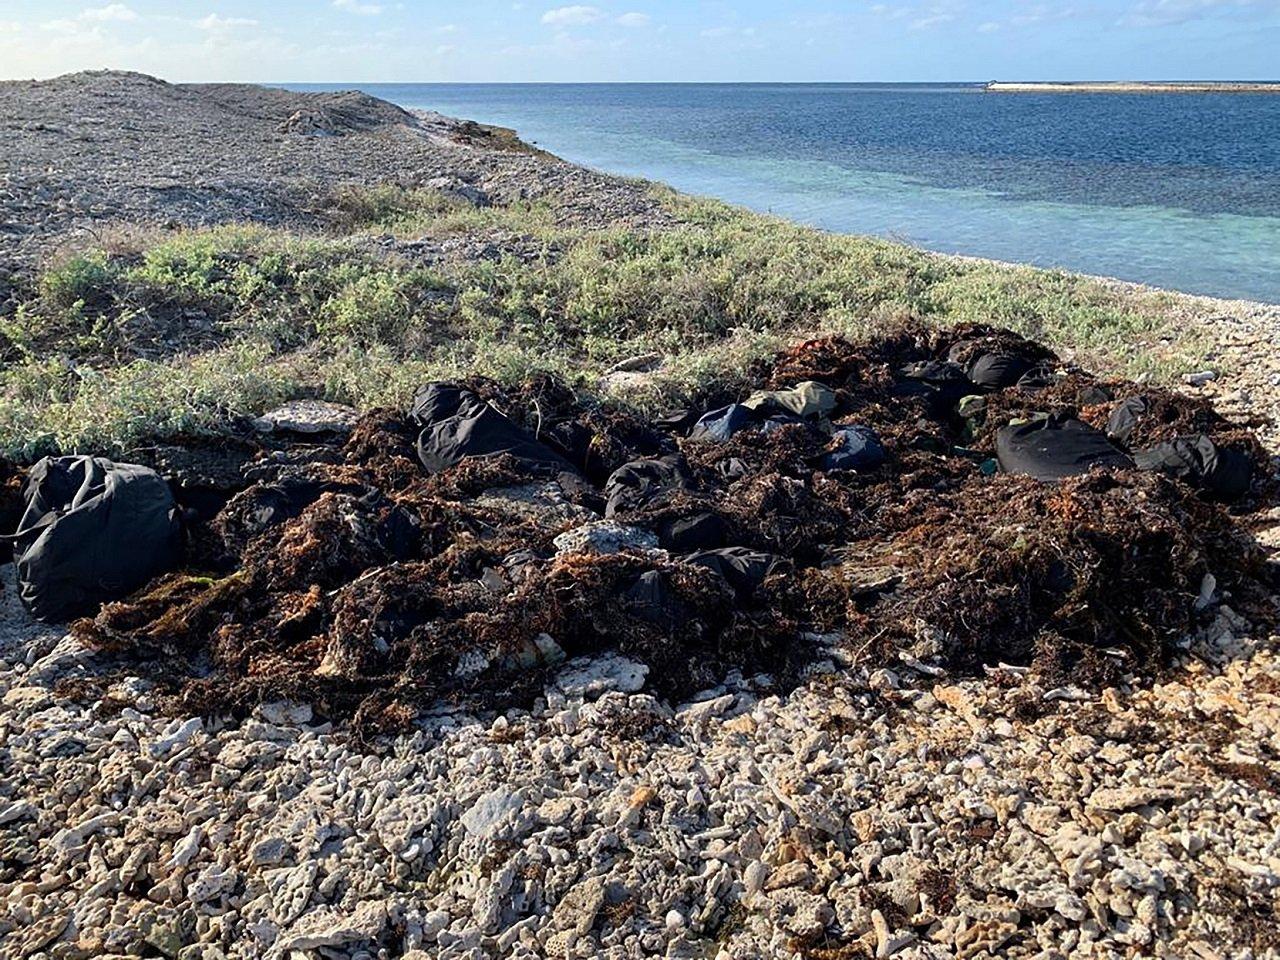 澳洲西澳省警方9月初破獲一樁海上運毒案,嫌犯將40袋甲基安非他命、古柯鹼和搖頭丸...